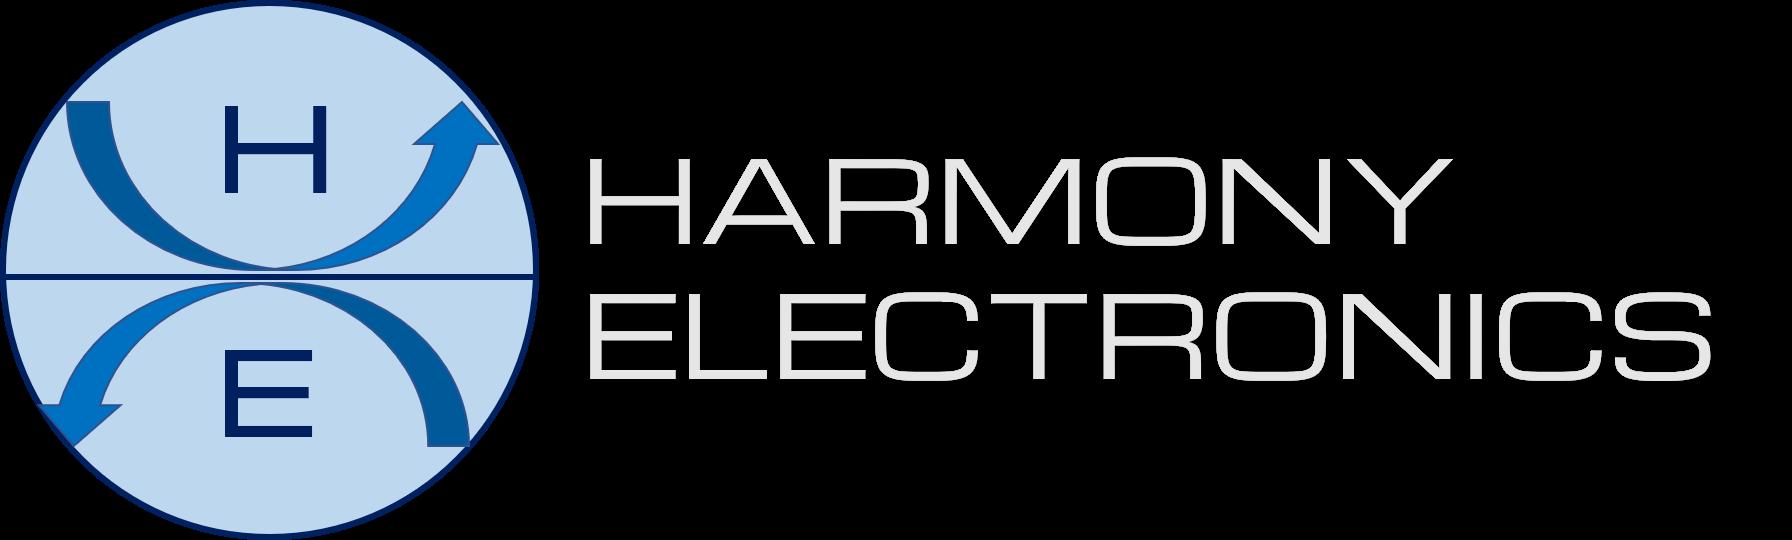 harmonylight